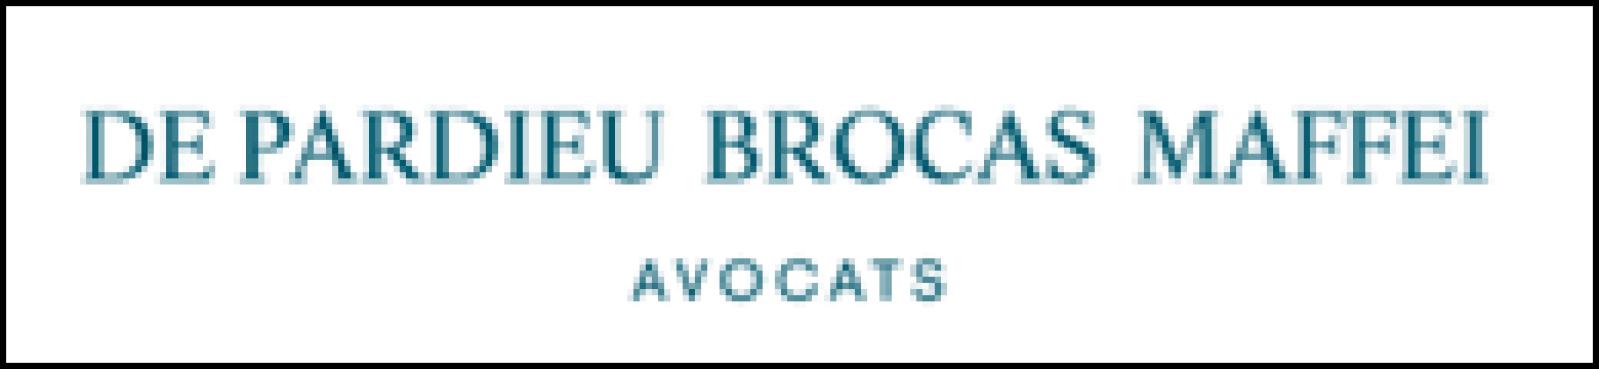 De Pardieu Brocas Maffei annonce la nomination de 4 Counsels